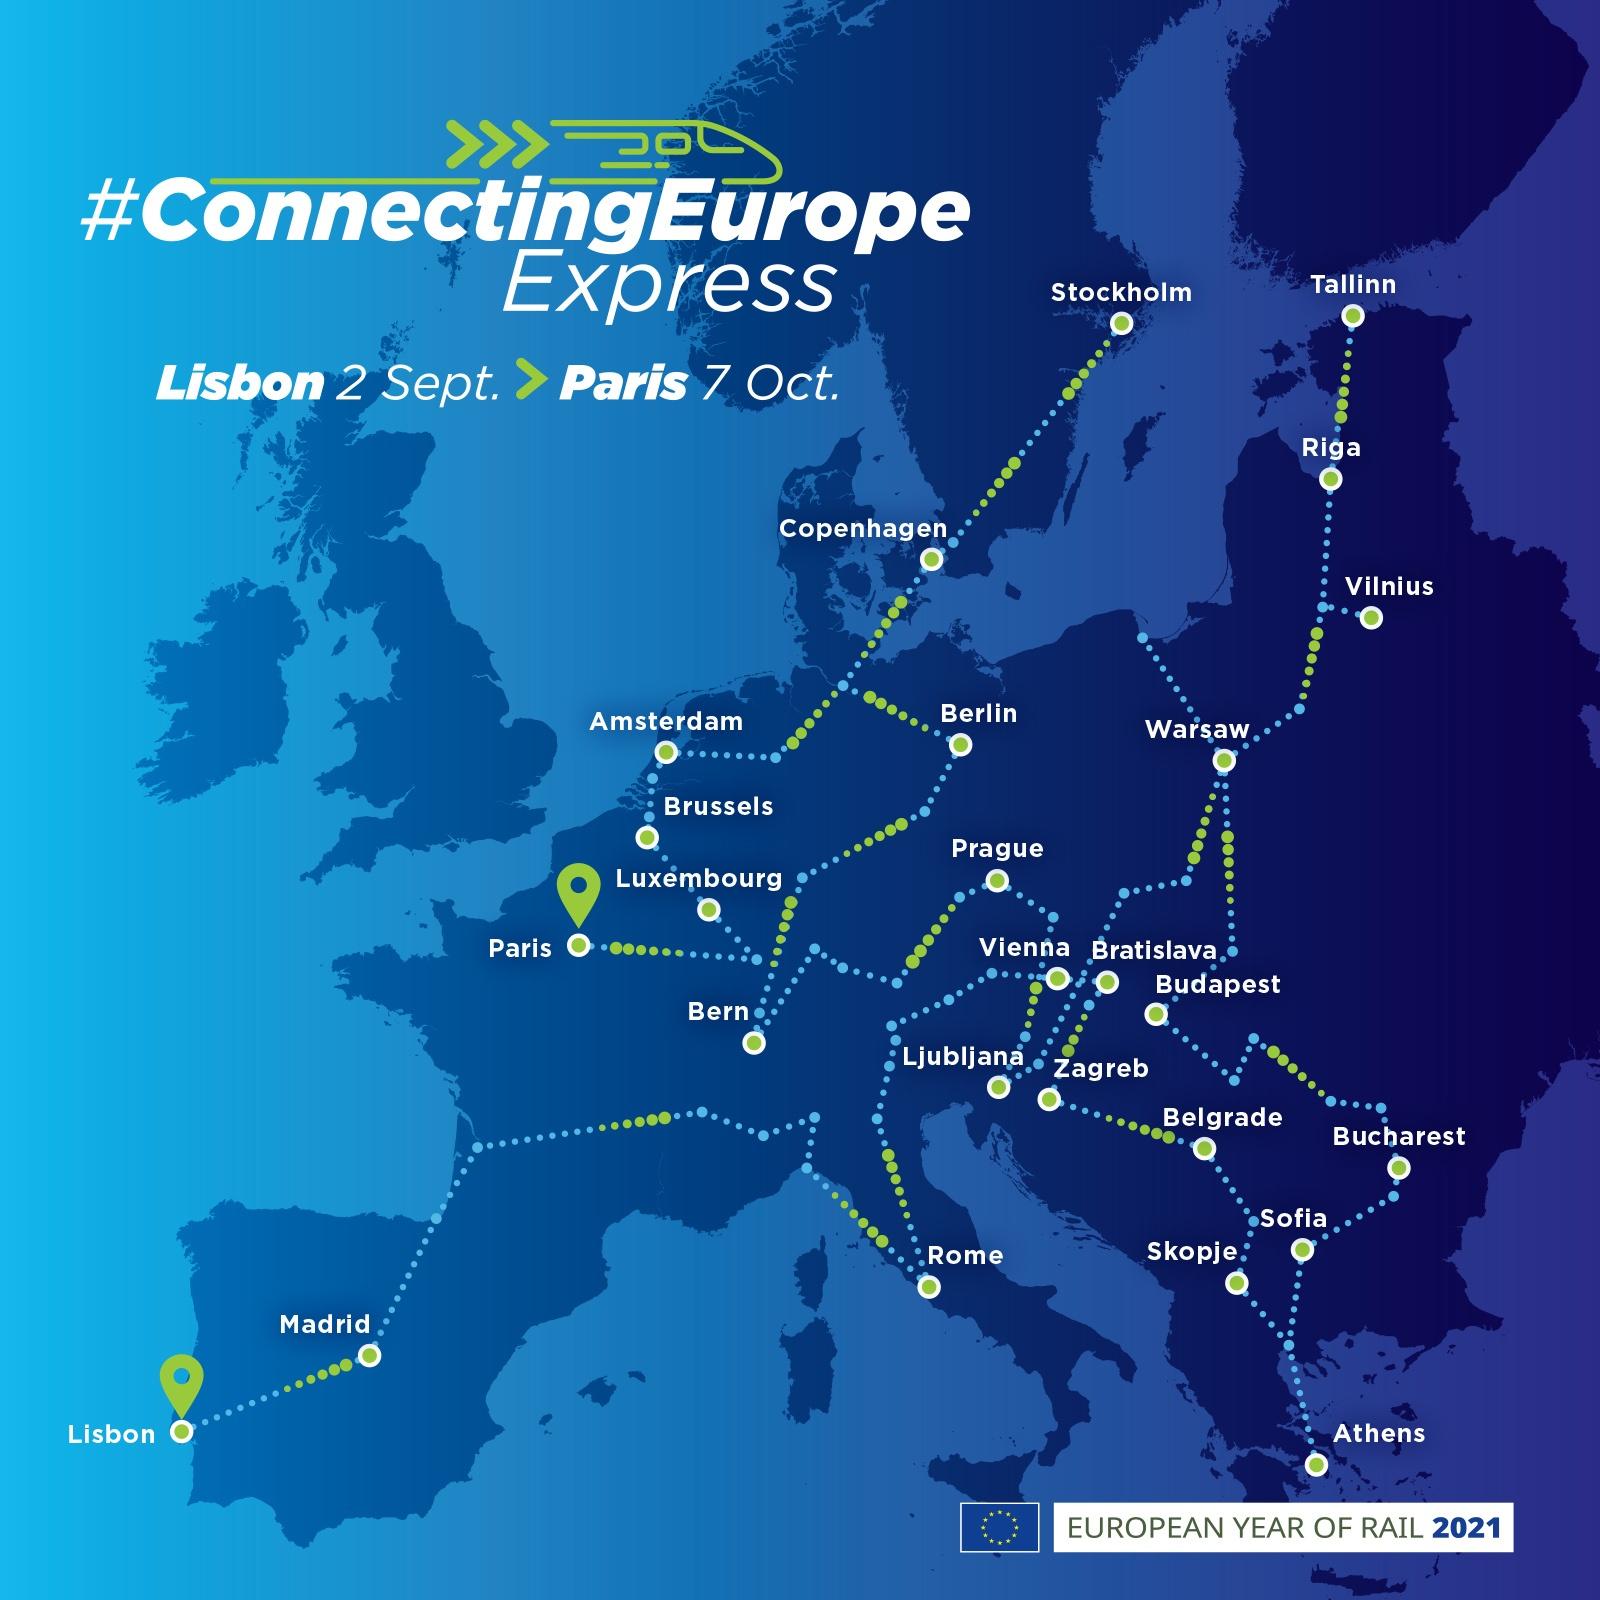 Az Európát összekötő expressz útvonala